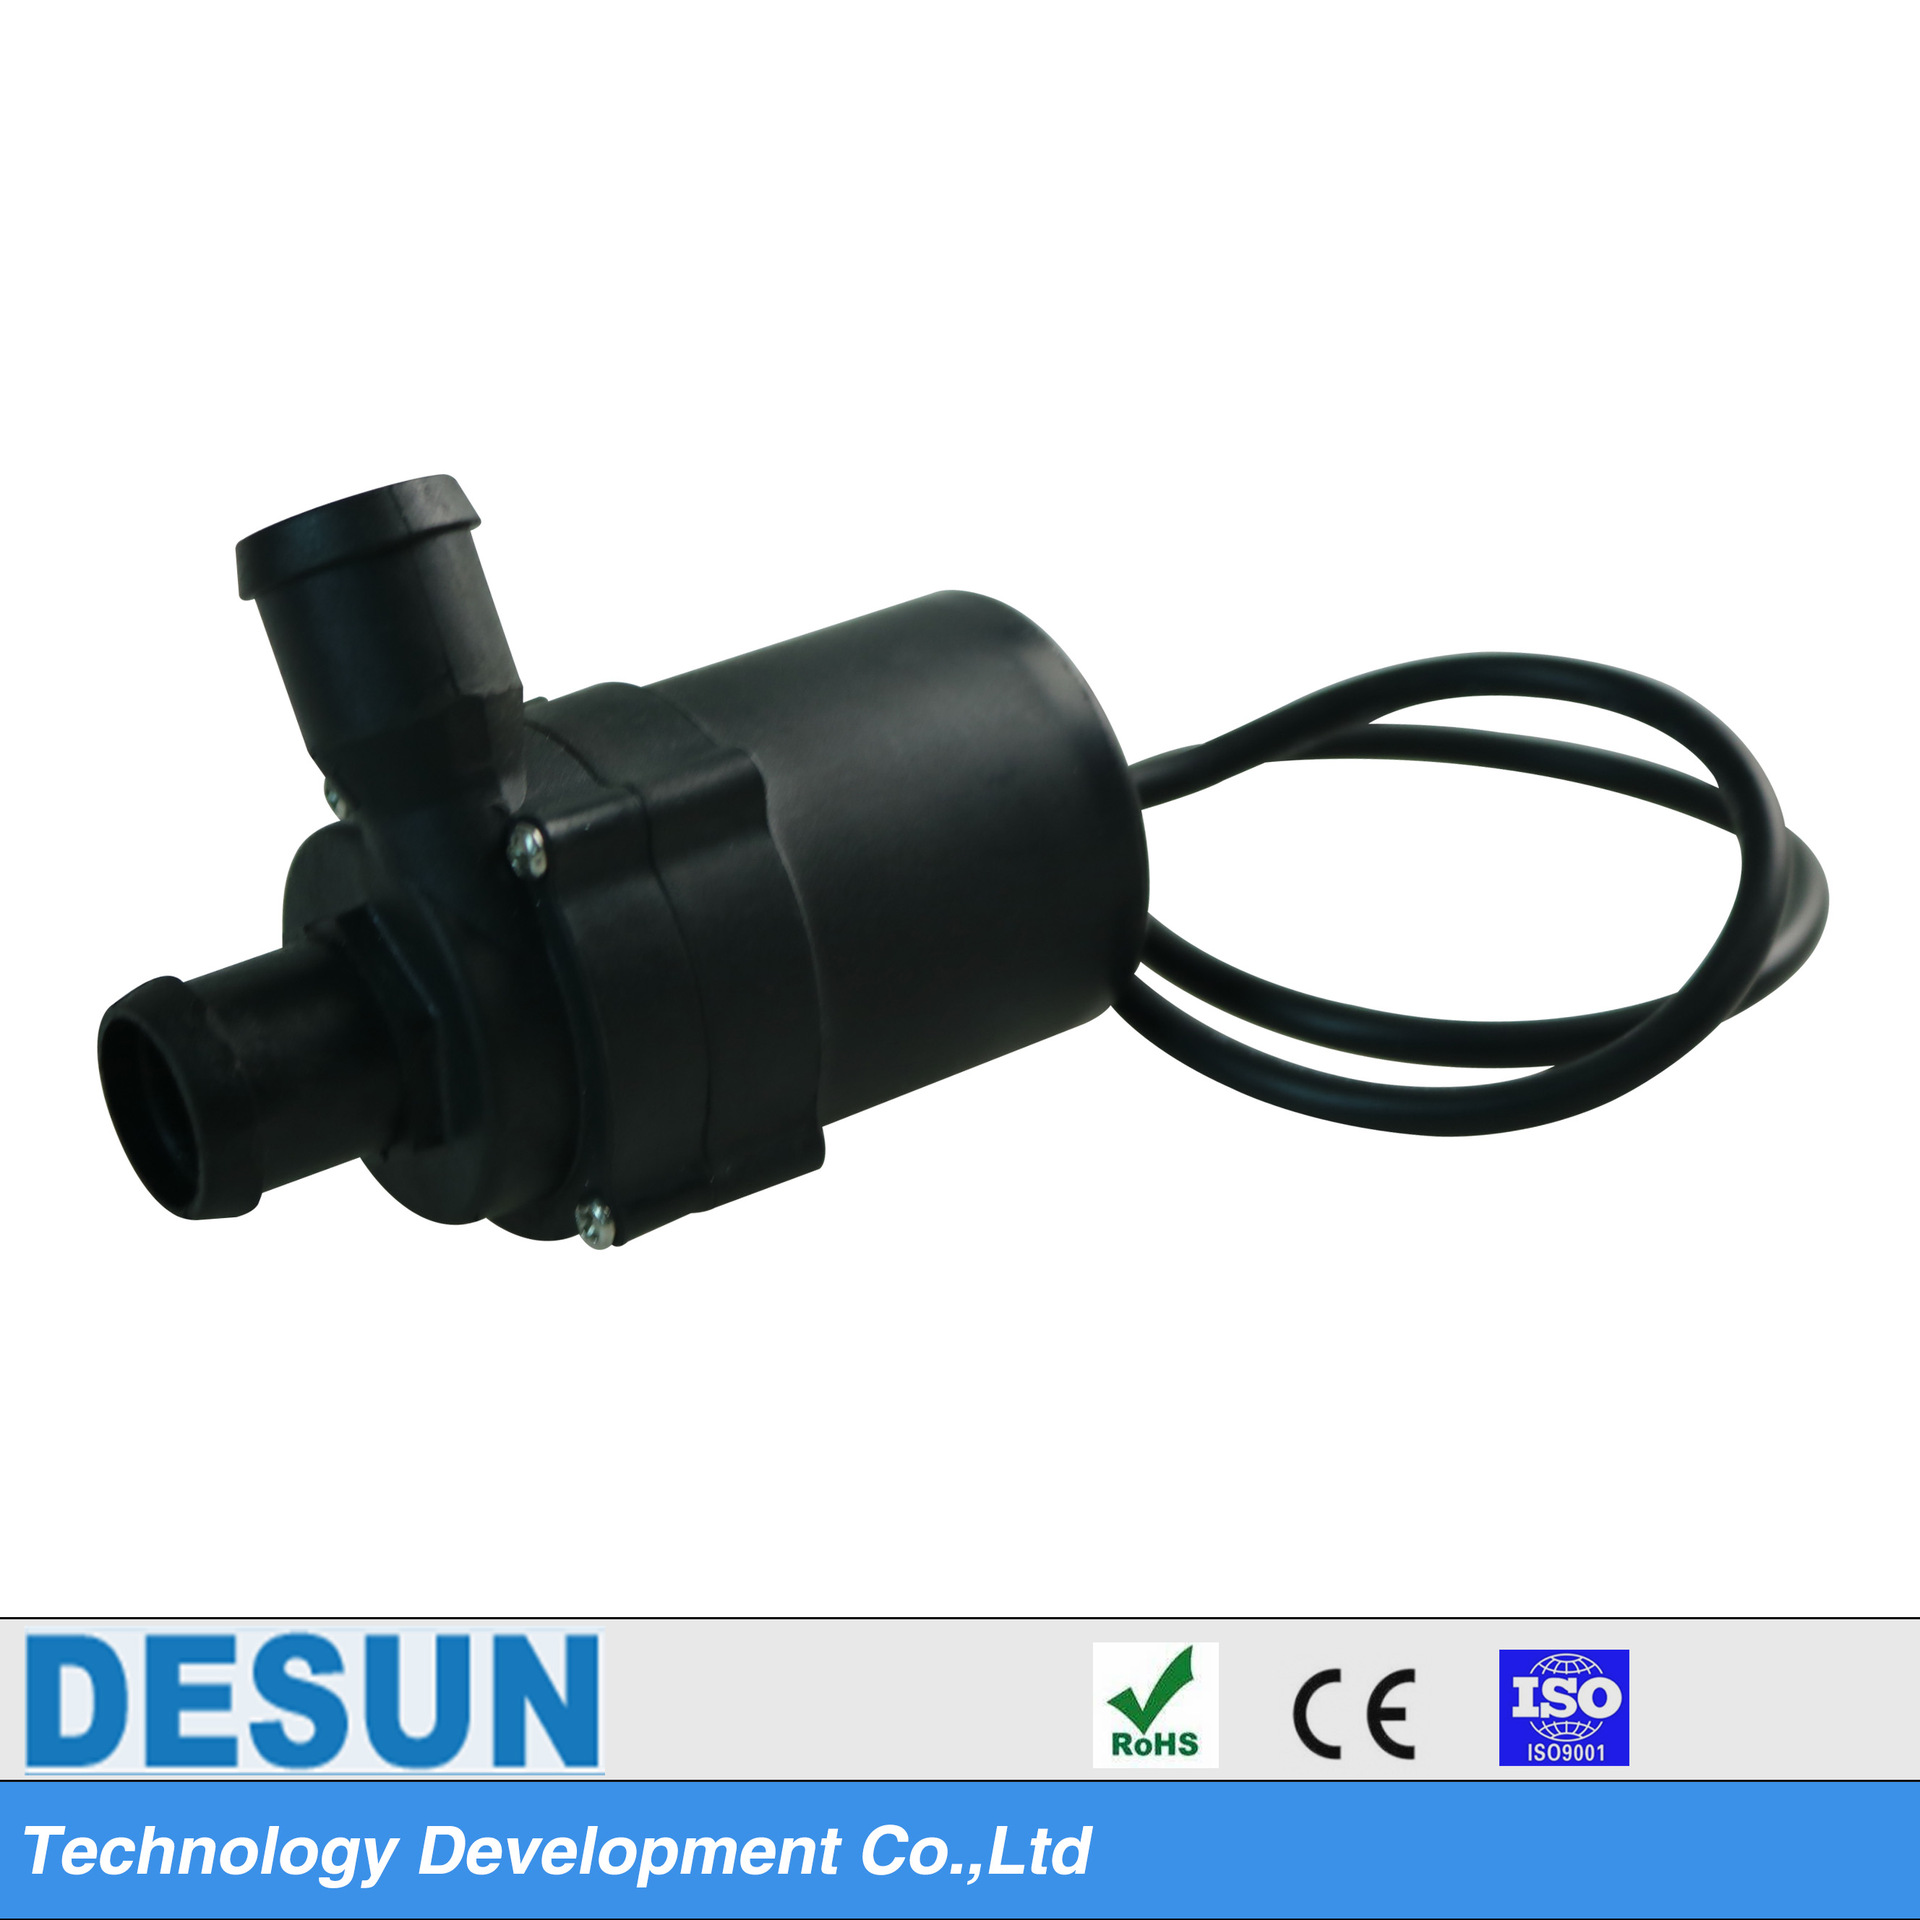 家用电器微型水泵DS4506